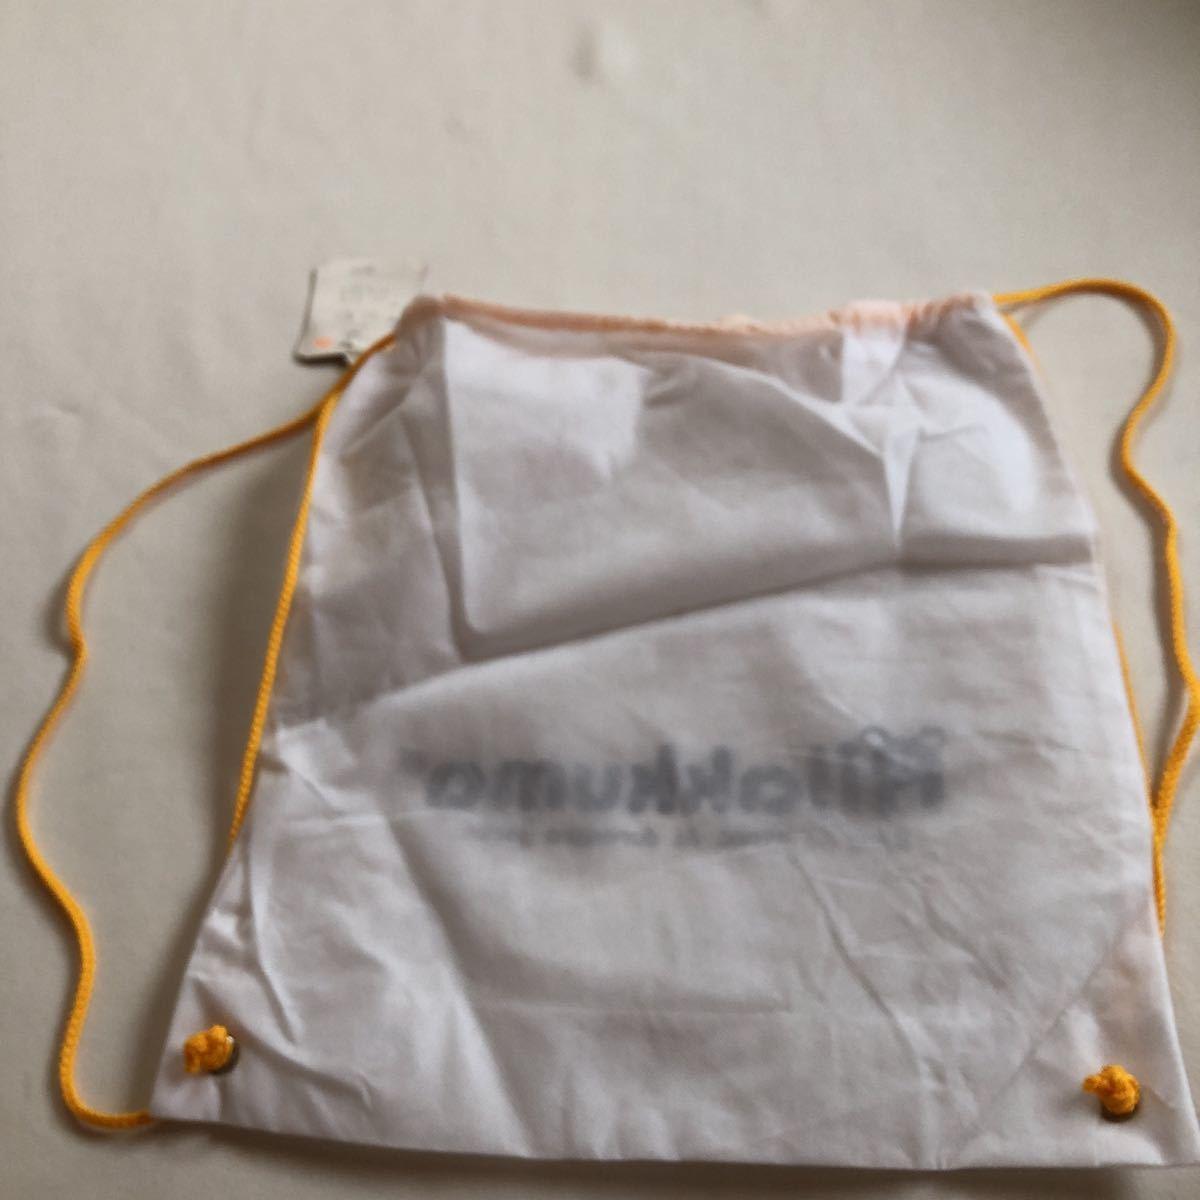 リラックマ 巾着 ショルダーバッグ ロゴ バック 鞄 新品 不織布 Rilakkuma エコバッグ 鞄 かばん カバン リュックサック 福袋もの_画像2